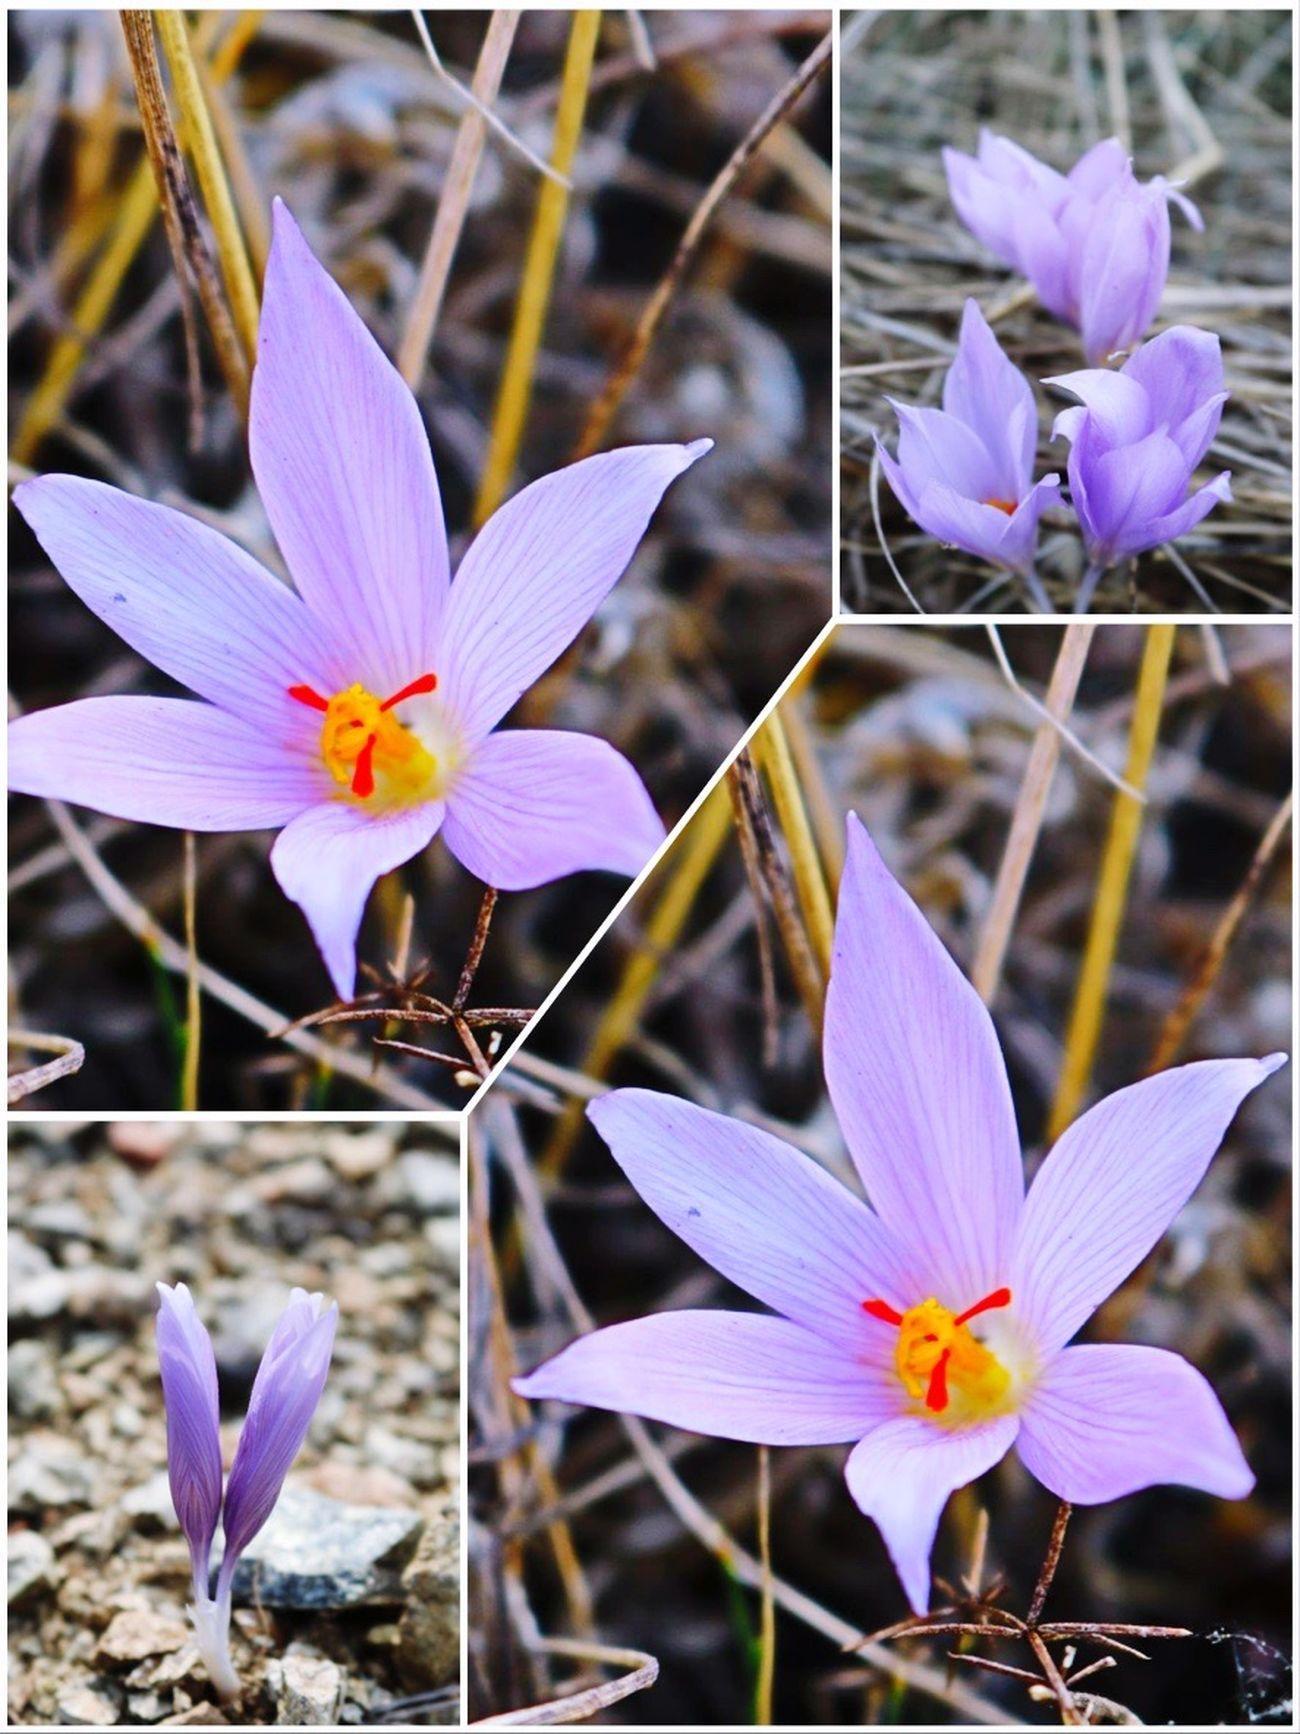 Bu Çiğdem çiçeklerini bir Çiğdem'in çektiği doğrudur 😎😎hasret giderdik 😂😂 Flowers Enjoying Life Flower Hello World 🙋🏼 Happy ☺️